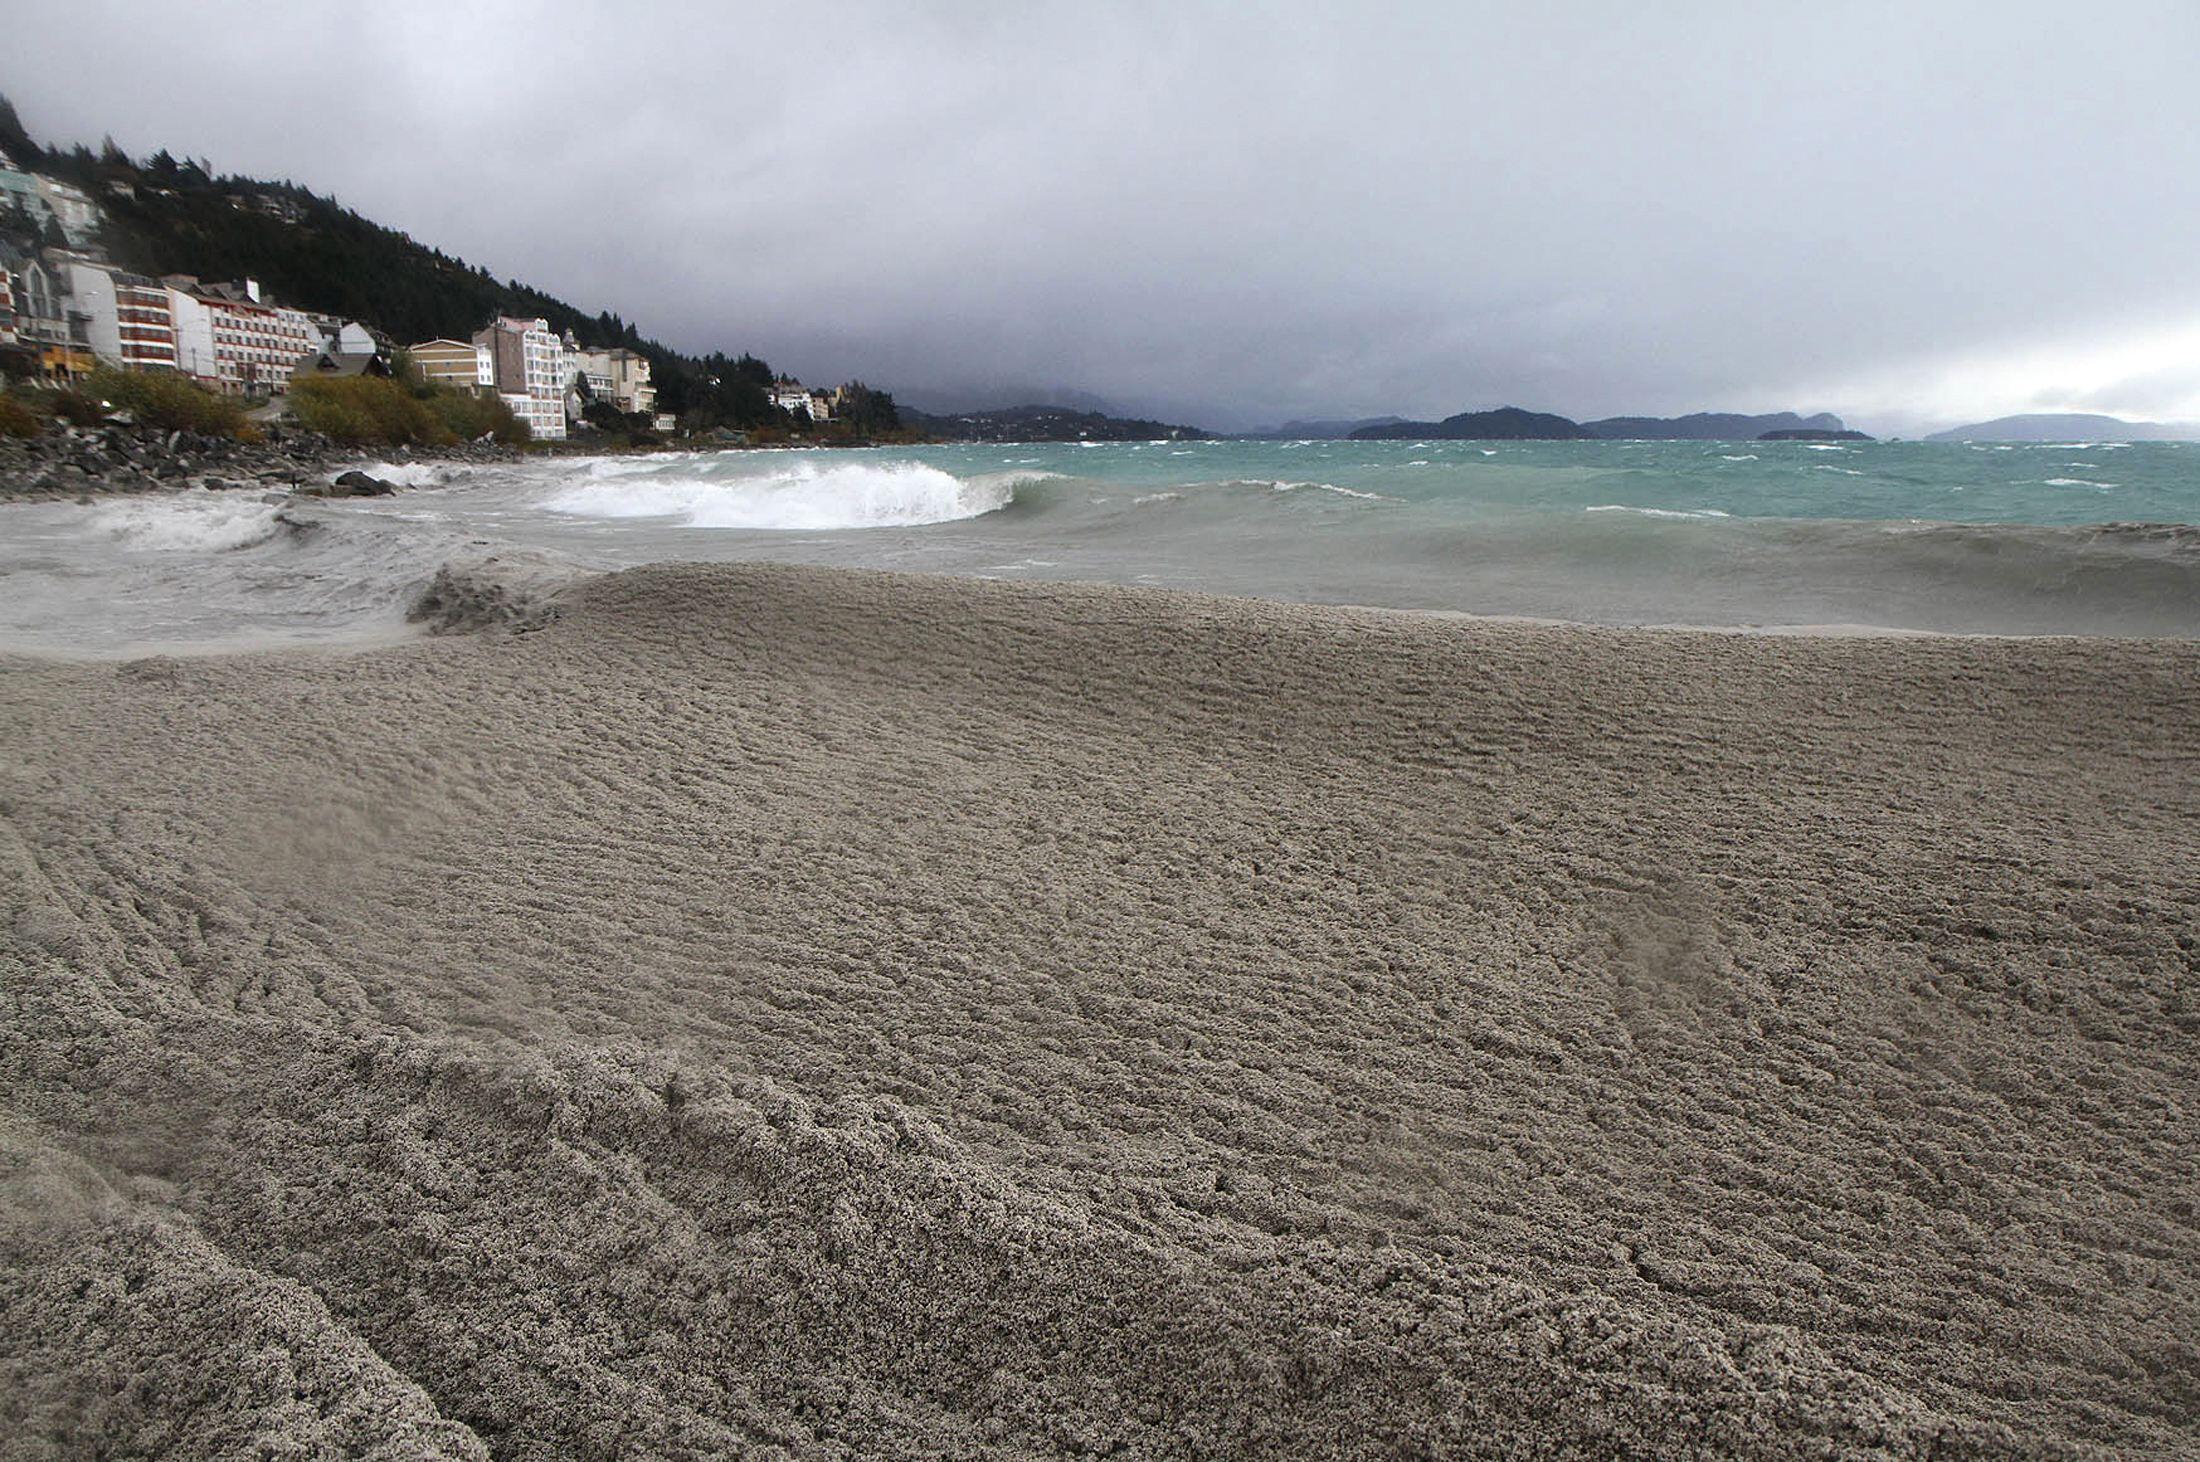 O Lago Nahuel Huapi, em Bariloche, famoso por suas águas azul-turquesa, foi invandido pelas cinzas da erupção do Vulcão Puyehue.